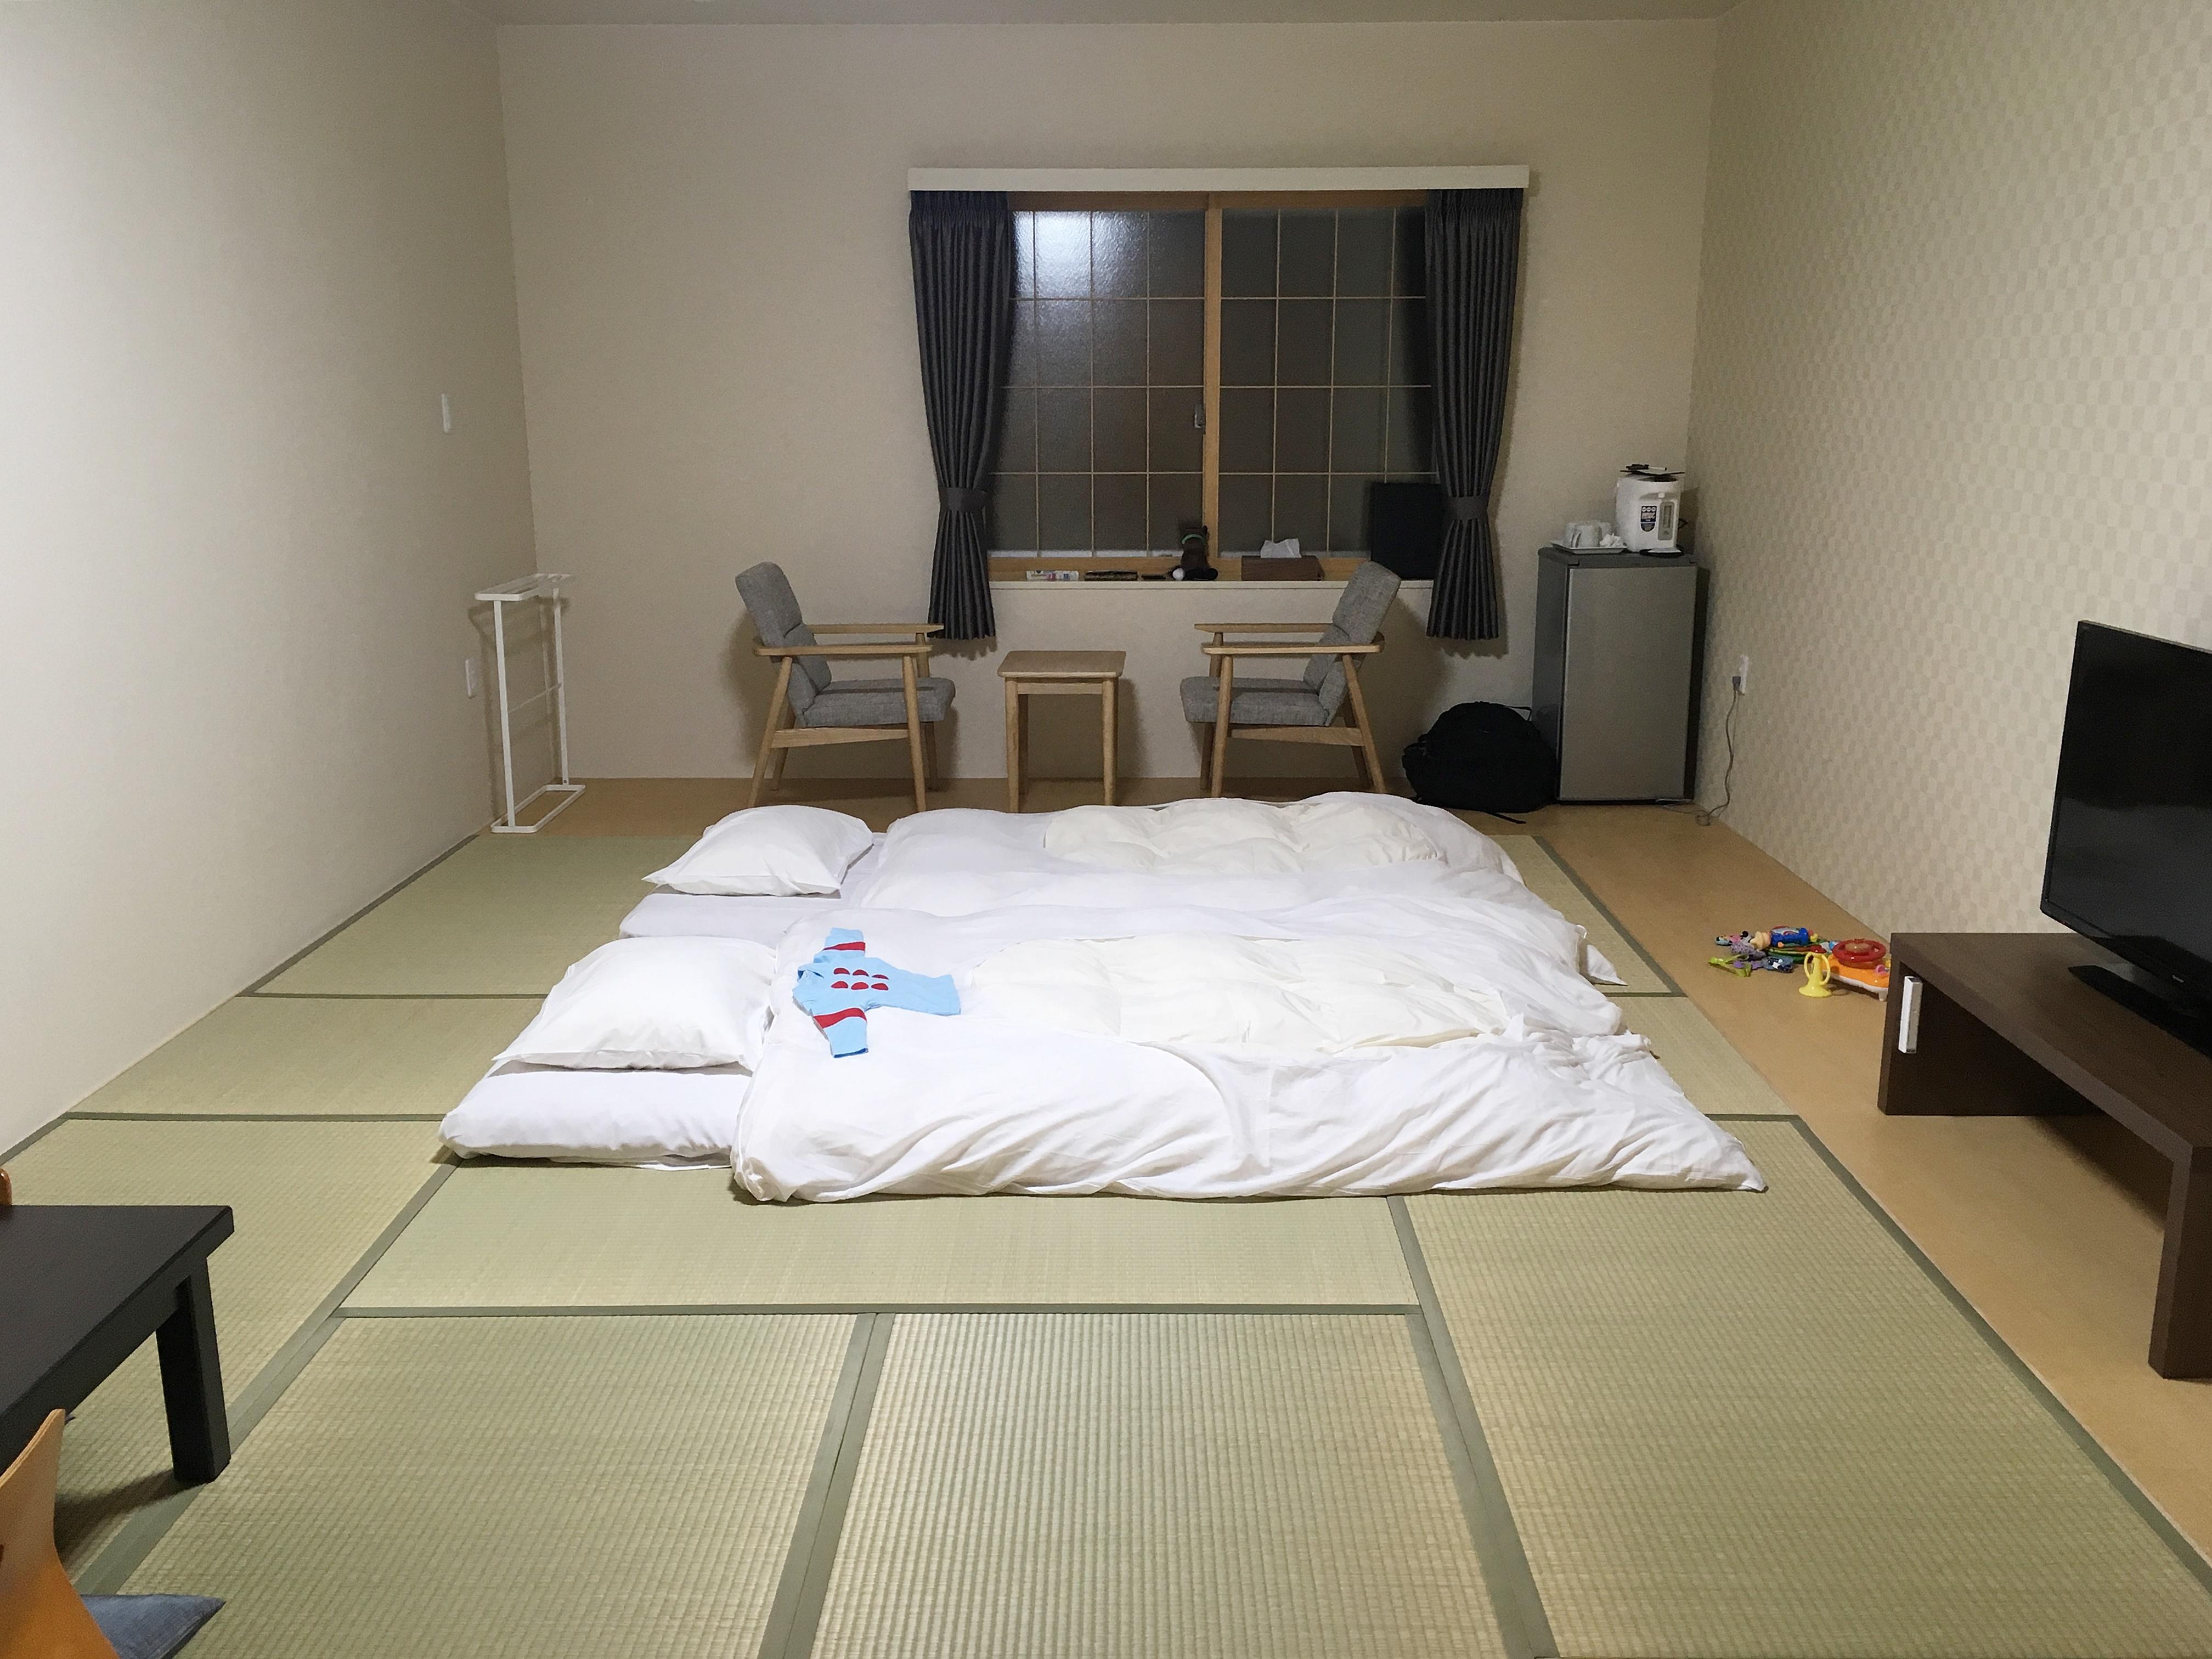 イマジン ホテル&リゾート 函館 ガイア棟客室.JPG